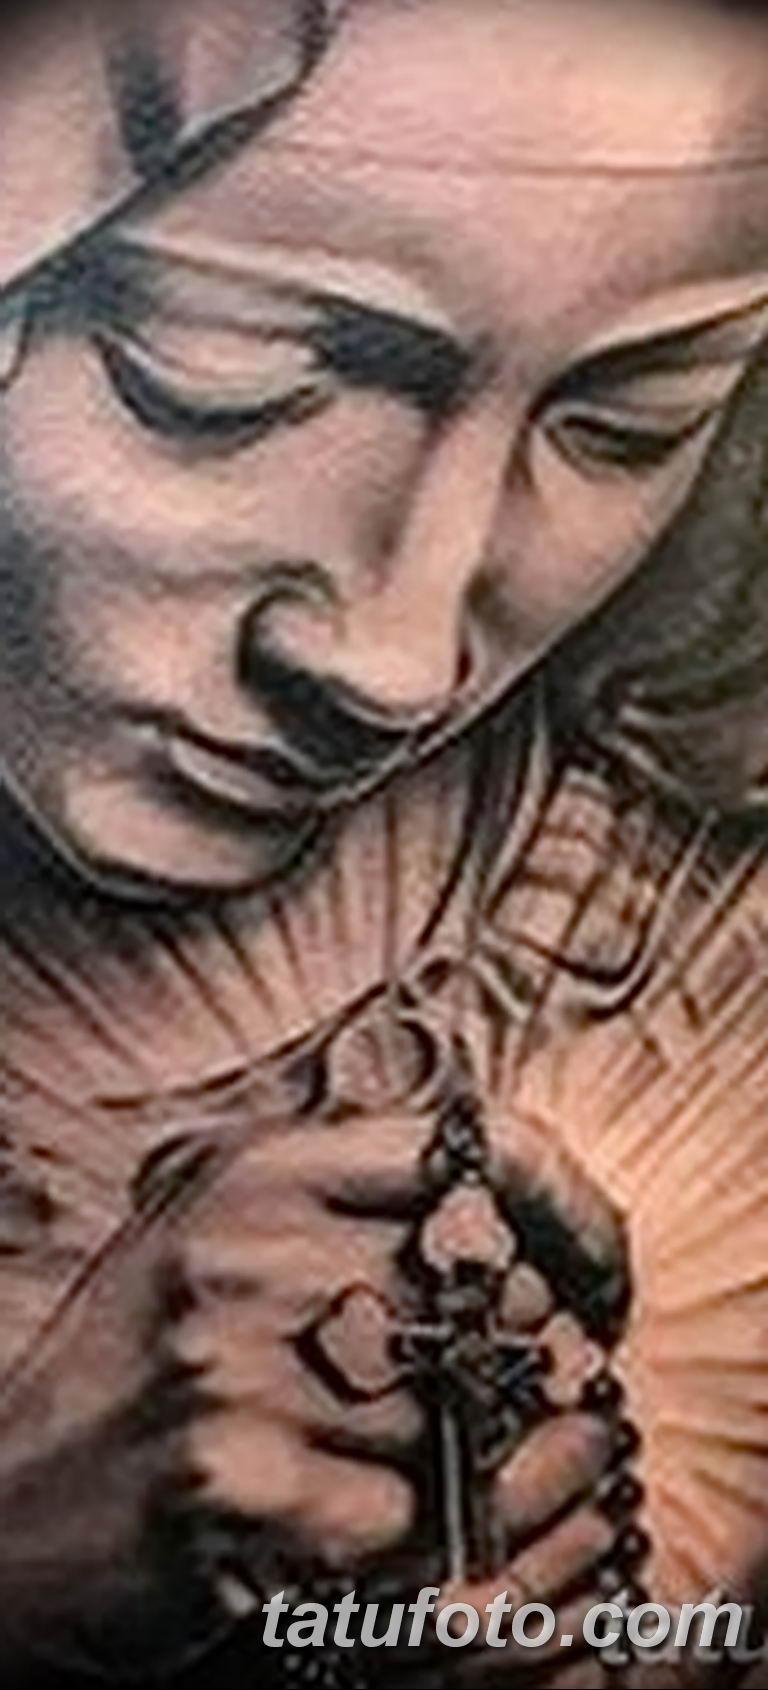 Фото тату икона святого 29.06.2019 №139 - tattoo icon of saint - tatufoto.com